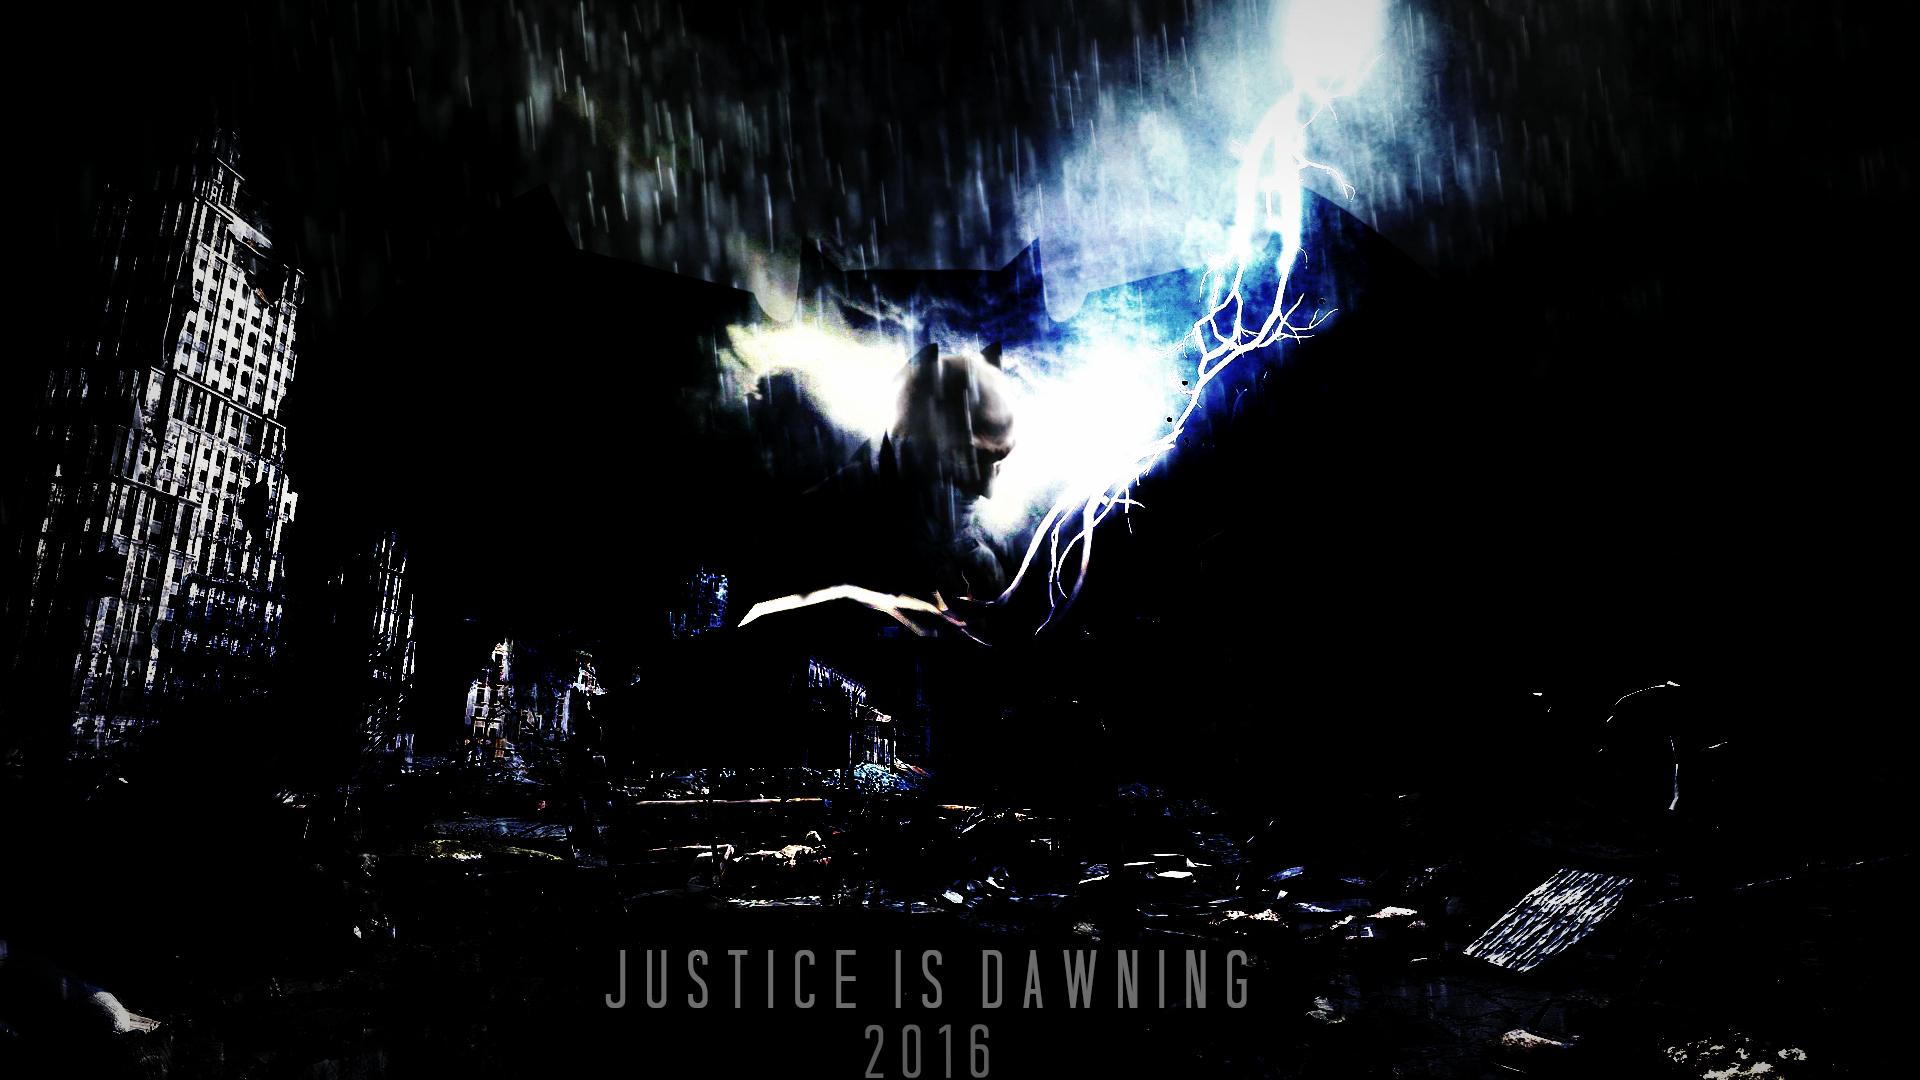 Batman V Superman Dawn of Justice Wallpaper 2016 by TheDarkRinnegan on 1920x1080